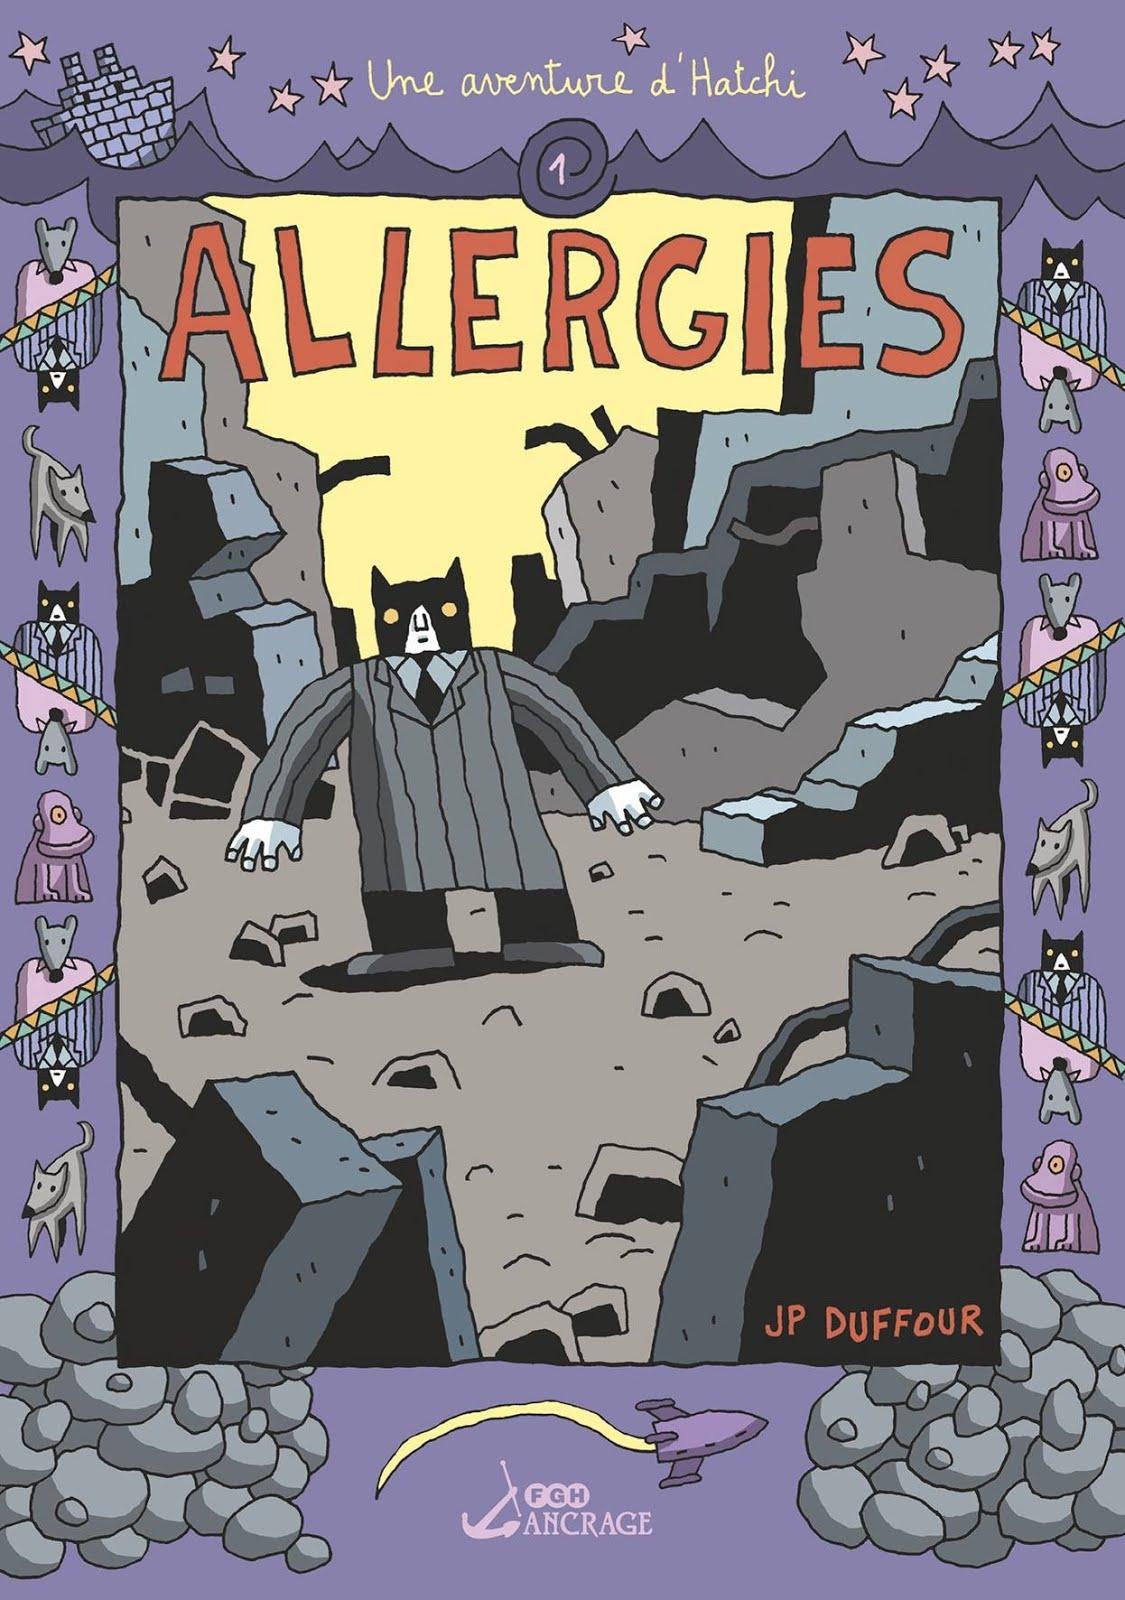 """Les aventures d'Hatchi # 1 """"Allergies"""" de Jean-Pierre DUFFOUR"""